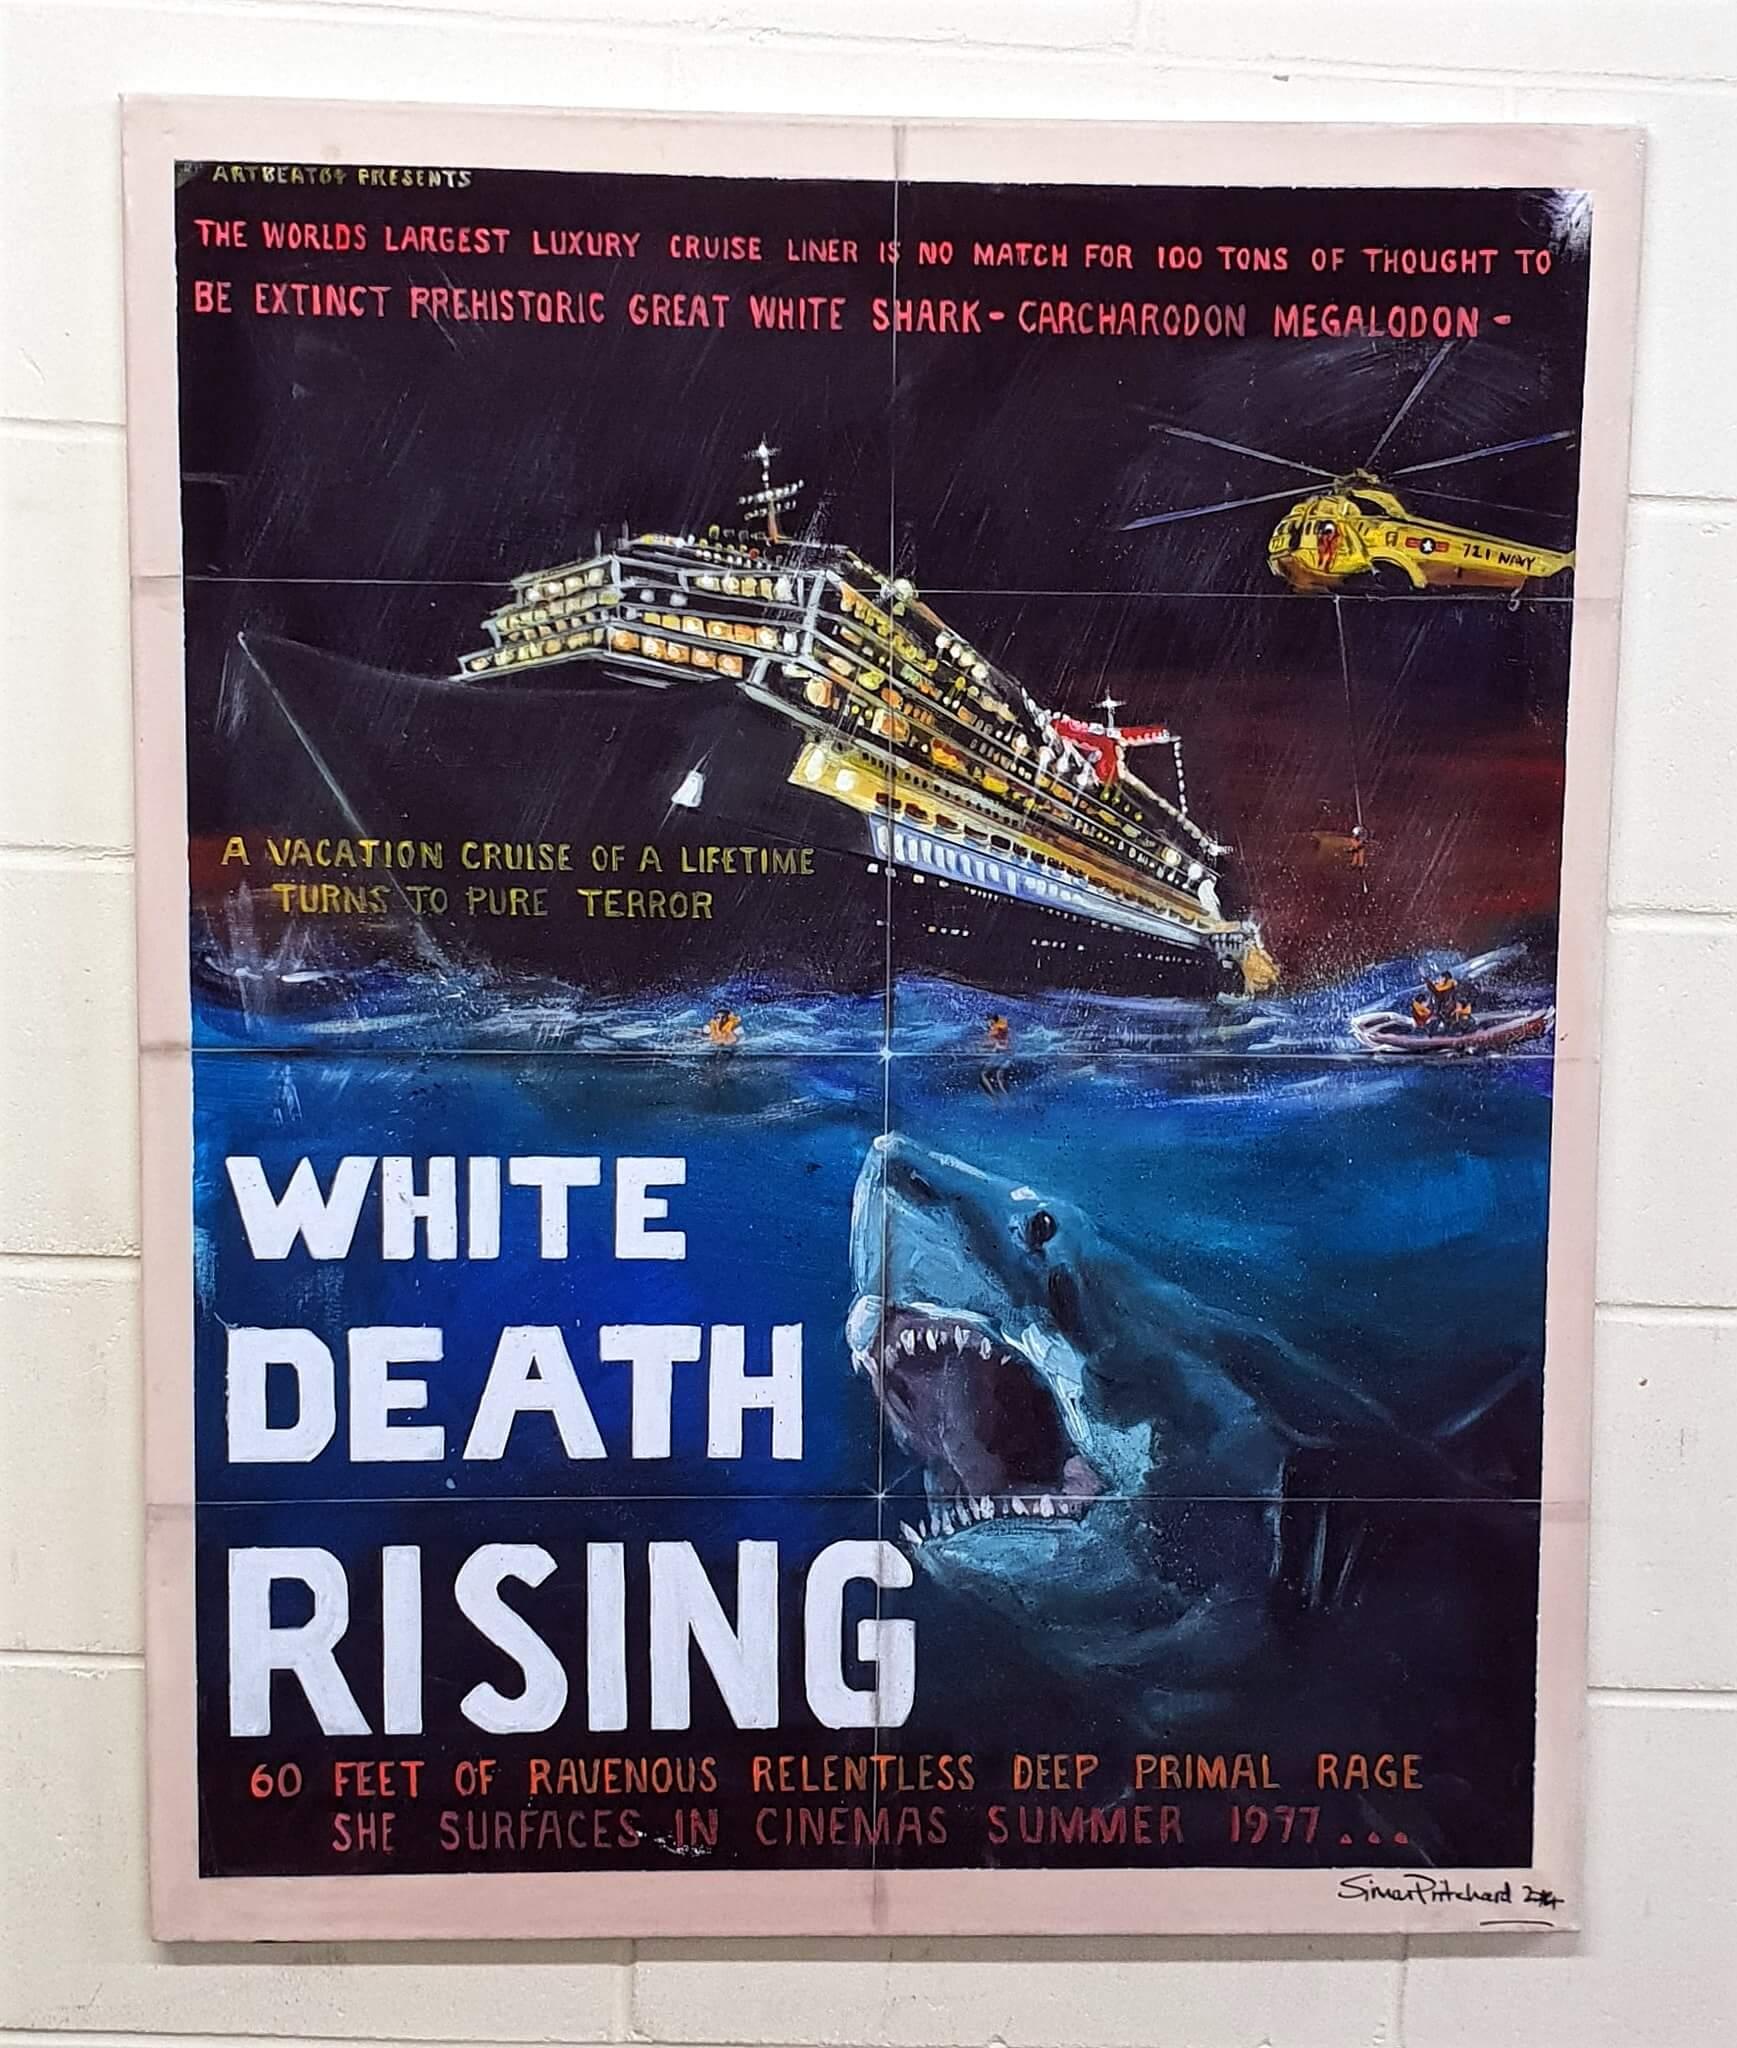 white-death-rising-simon-pritchard